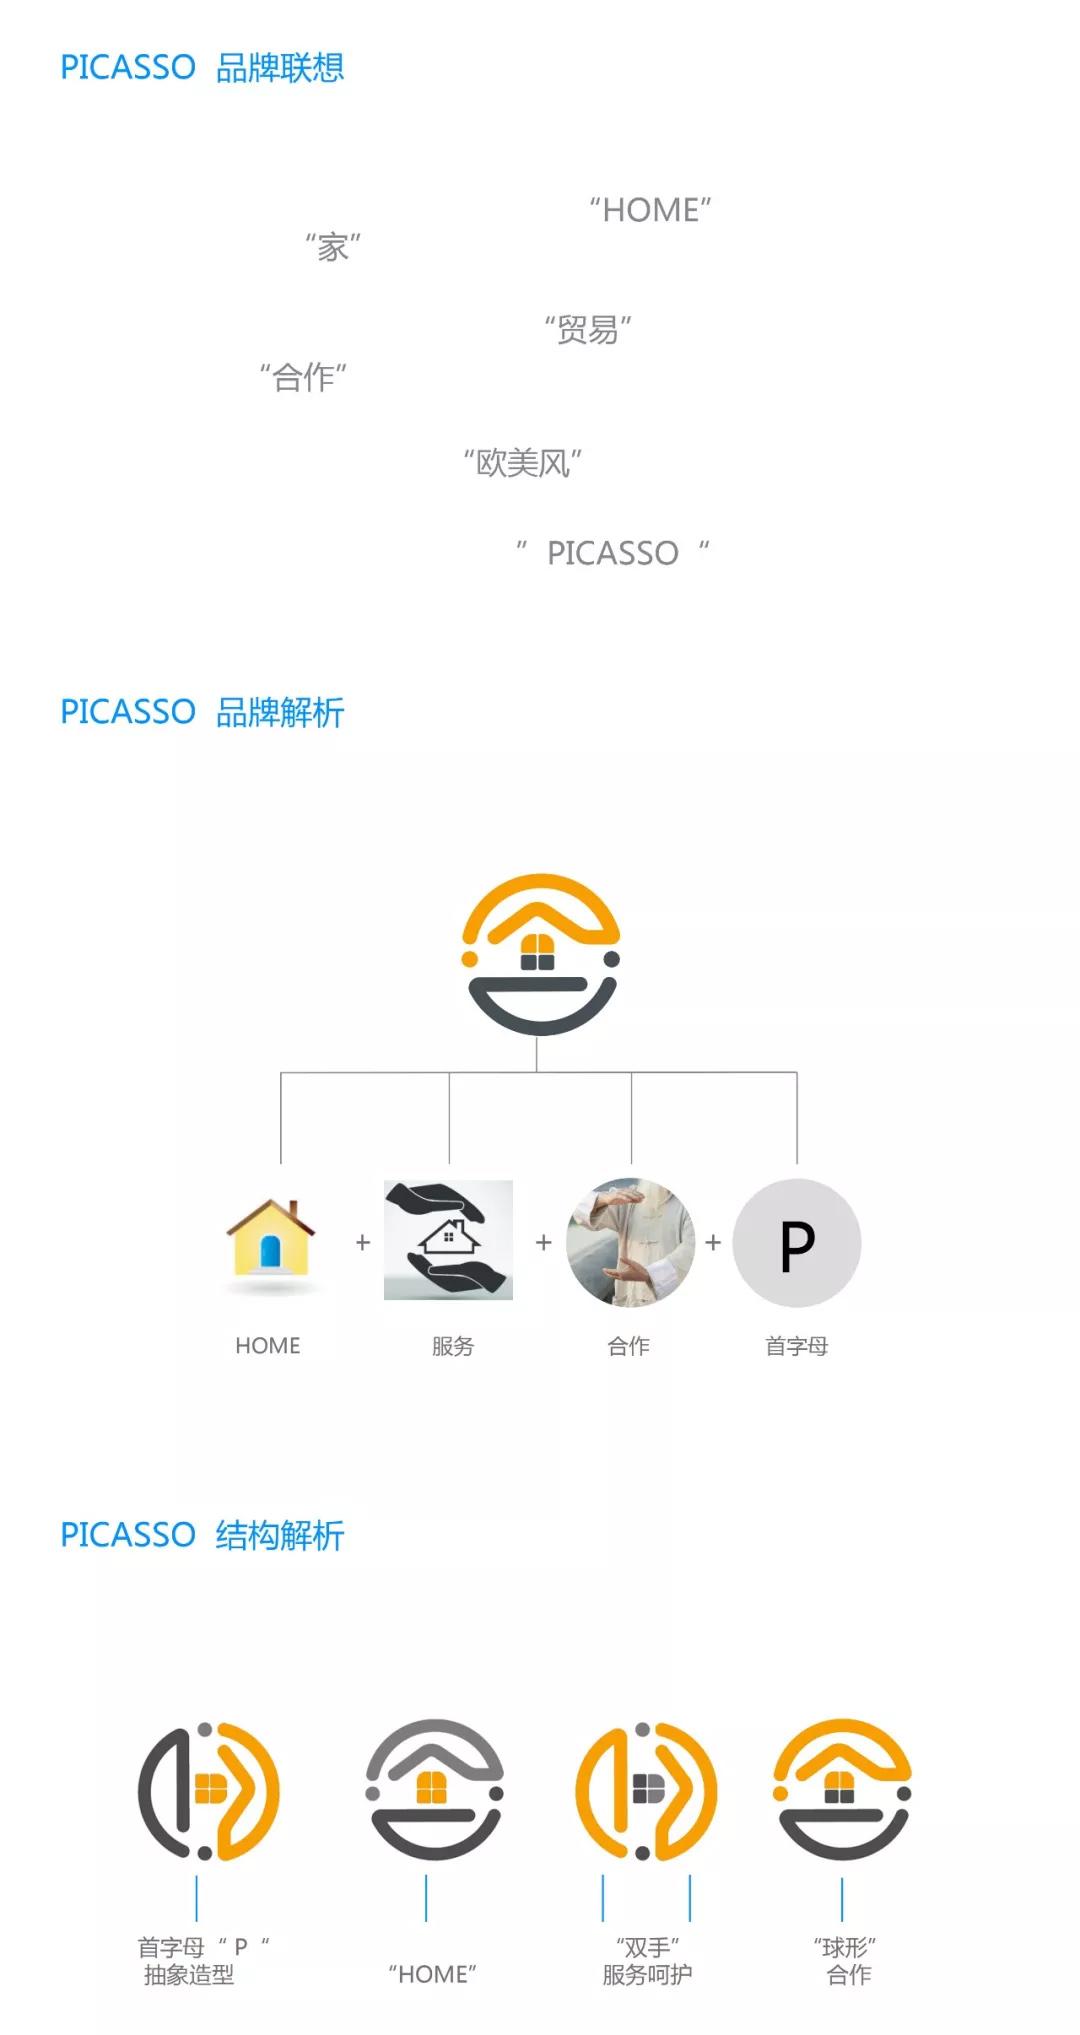 picasso家居品牌形象设计案例